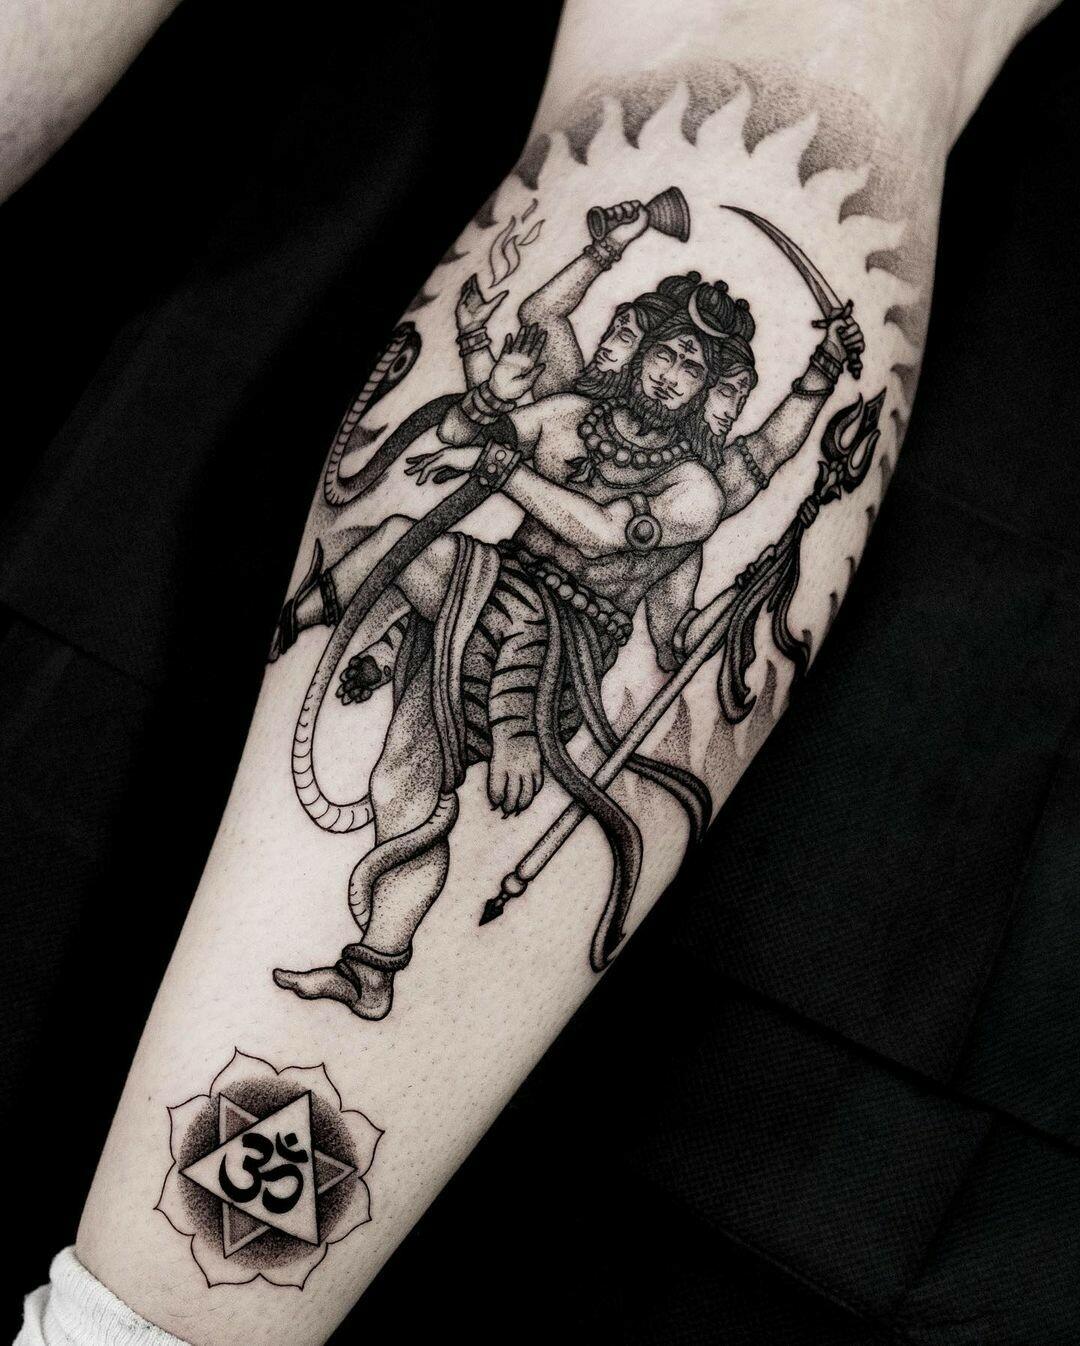 Inksearch tattoo Dirty Lust Tattoo Studio Warszawa